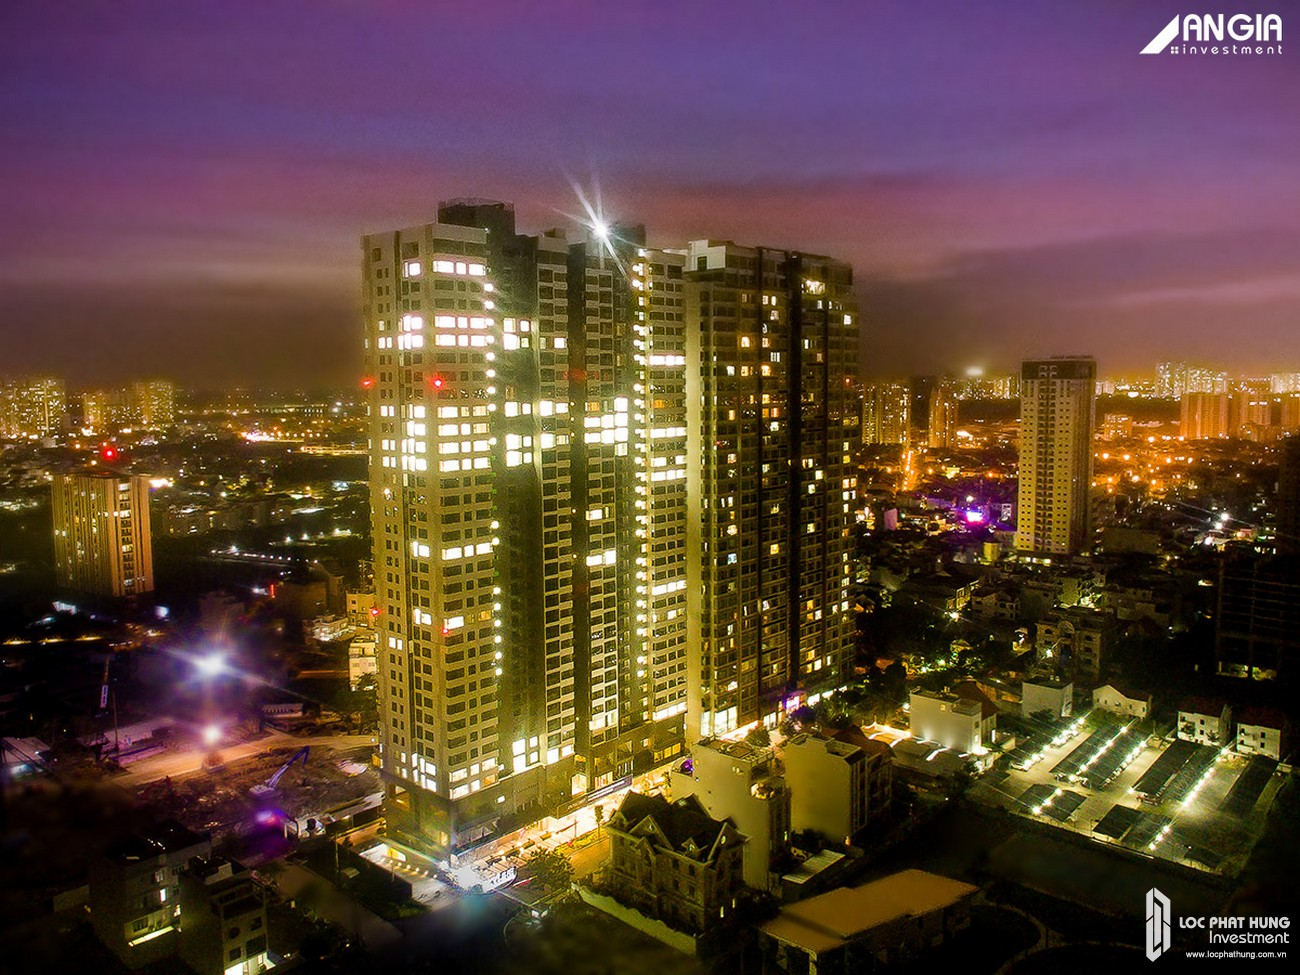 Mua bán cho thuê căn hộ chung cư An Gia Skyline Quận 7 - Hình ảnh thực tế AnGia Skyline